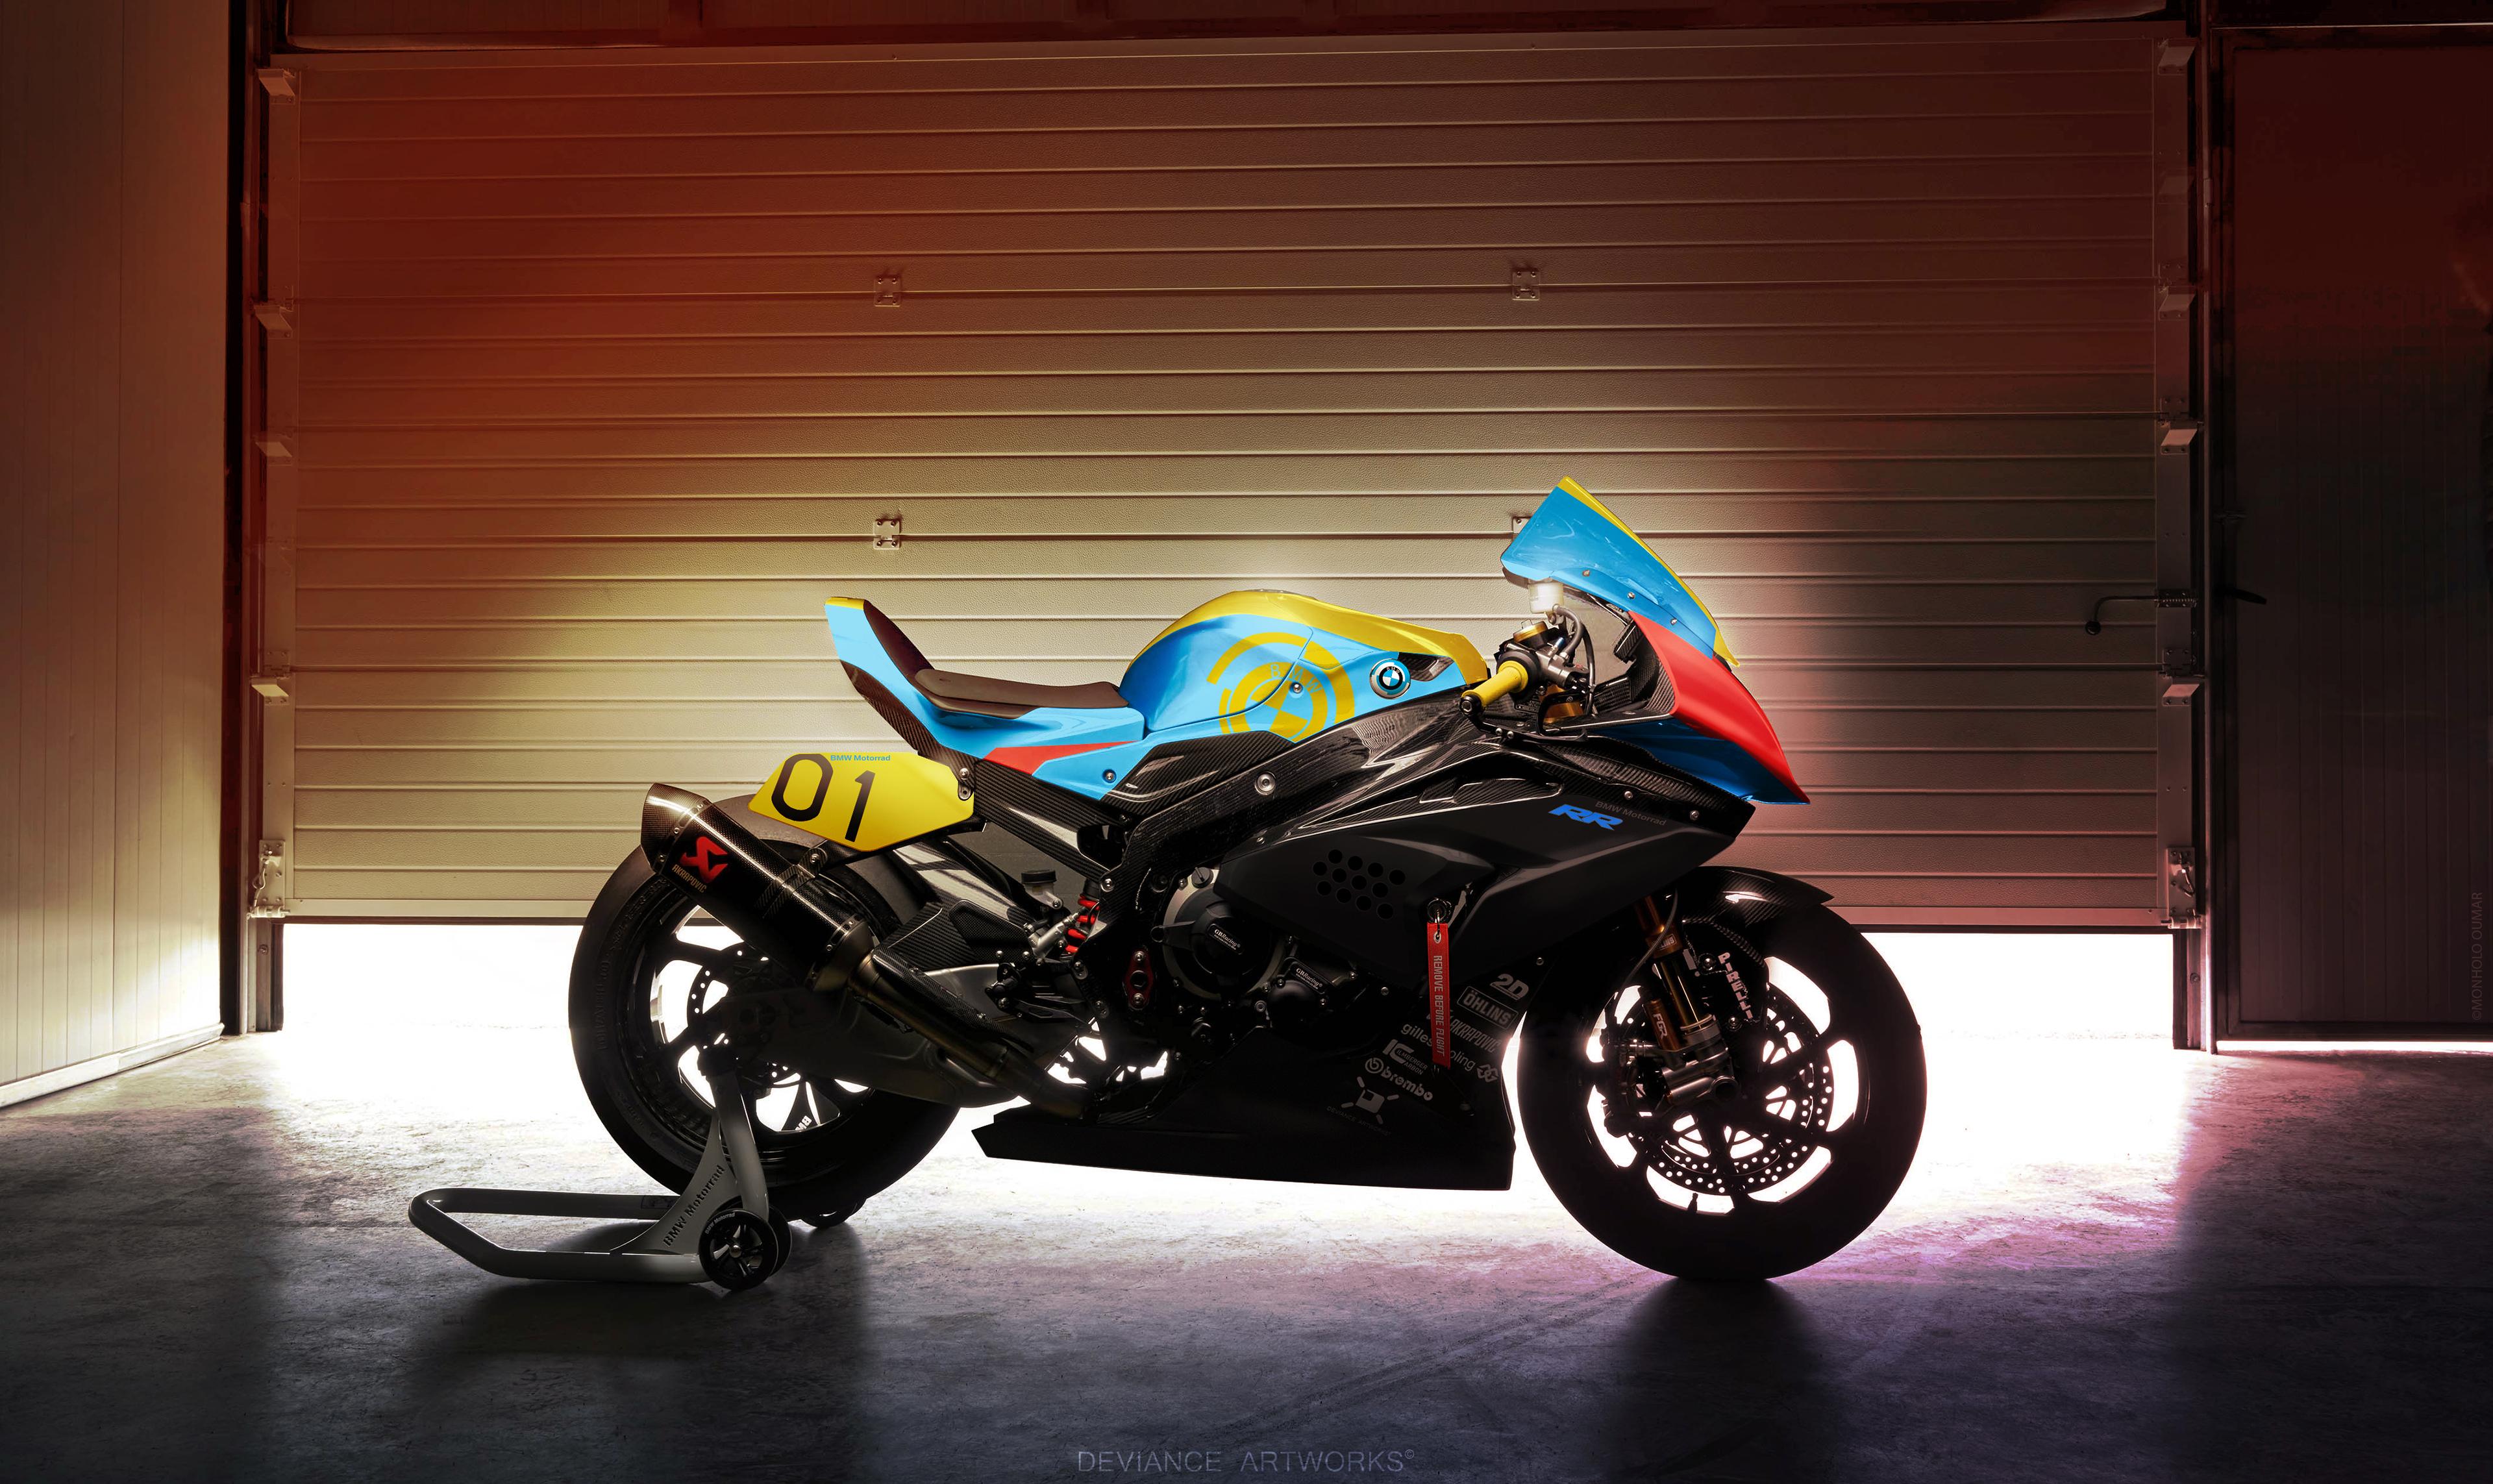 bmw motorrad 4k hd bikes 4k wallpapers images. Black Bedroom Furniture Sets. Home Design Ideas